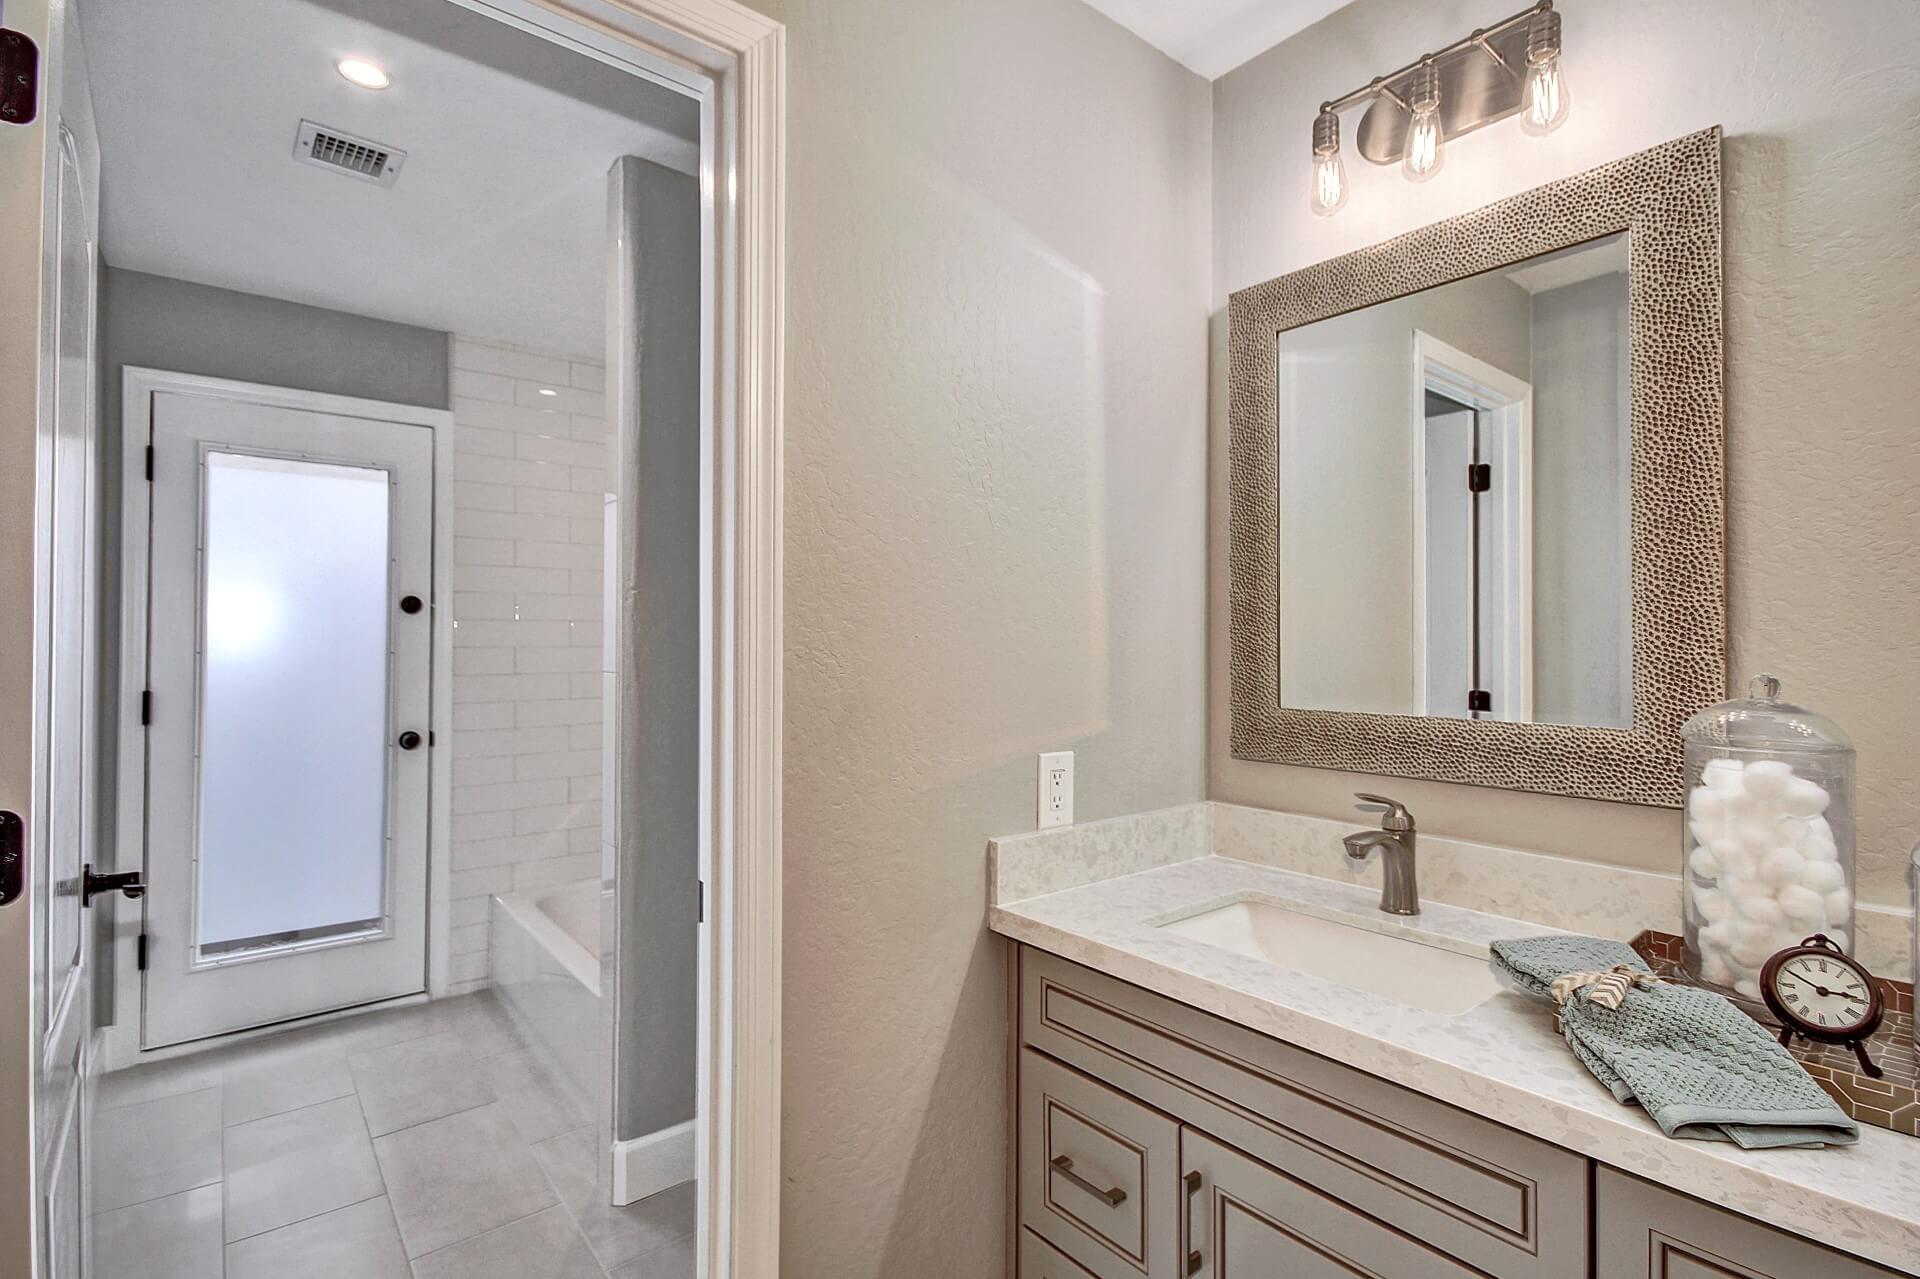 Bathroom Vanities Kitchen Cabinets Countertops